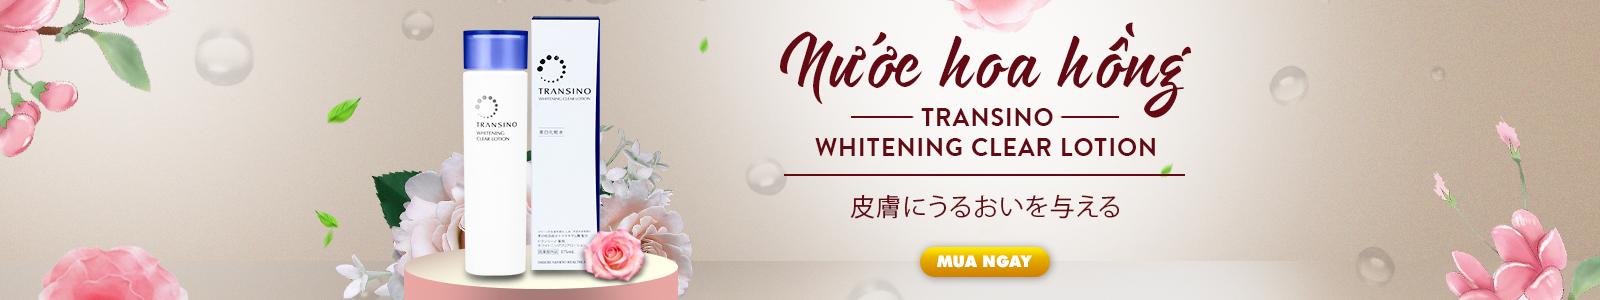 Nước hoa hồng Transino Whitening Clear Lotion - 175ml